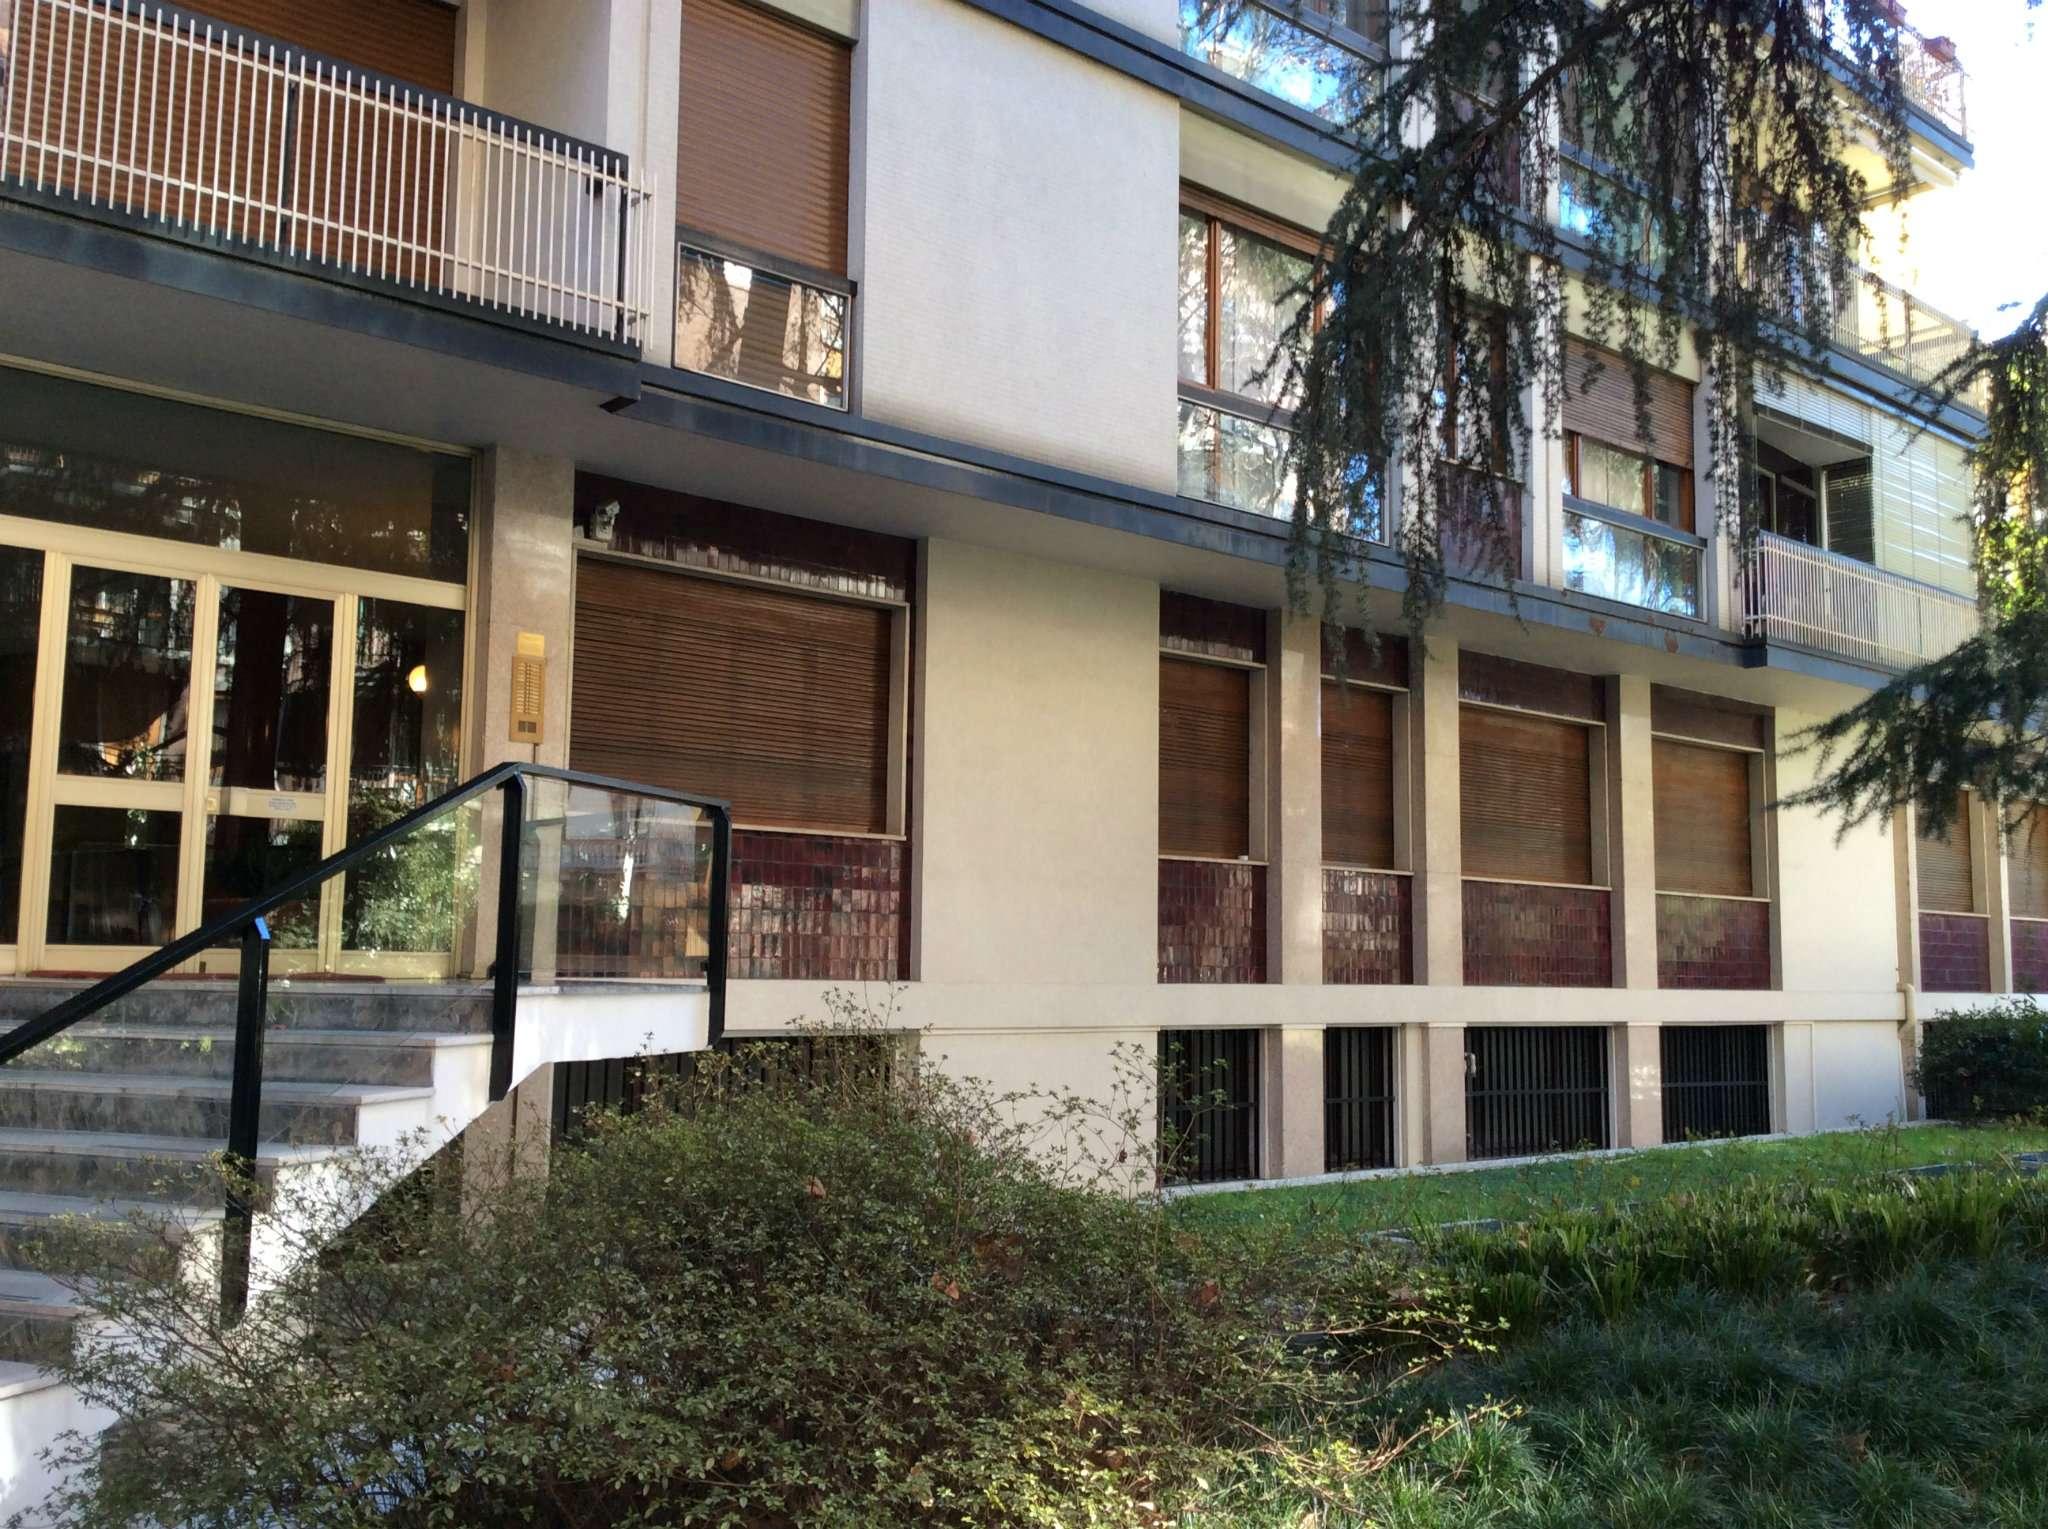 VENDITE Rustici e Case Milano 4158455